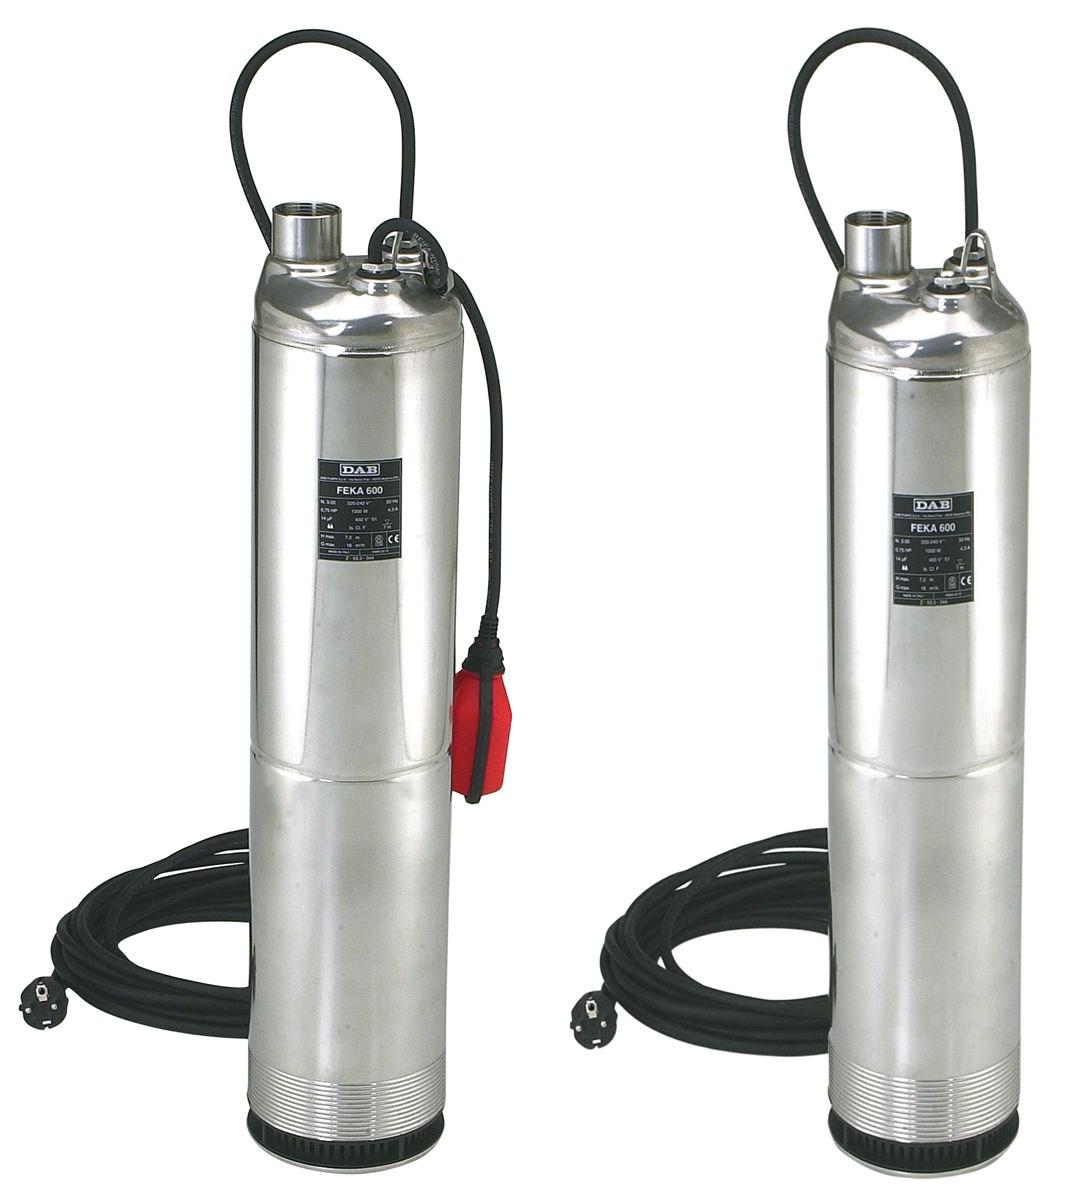 pompe centrifuge 5 submersible pulsar jetly. Black Bedroom Furniture Sets. Home Design Ideas